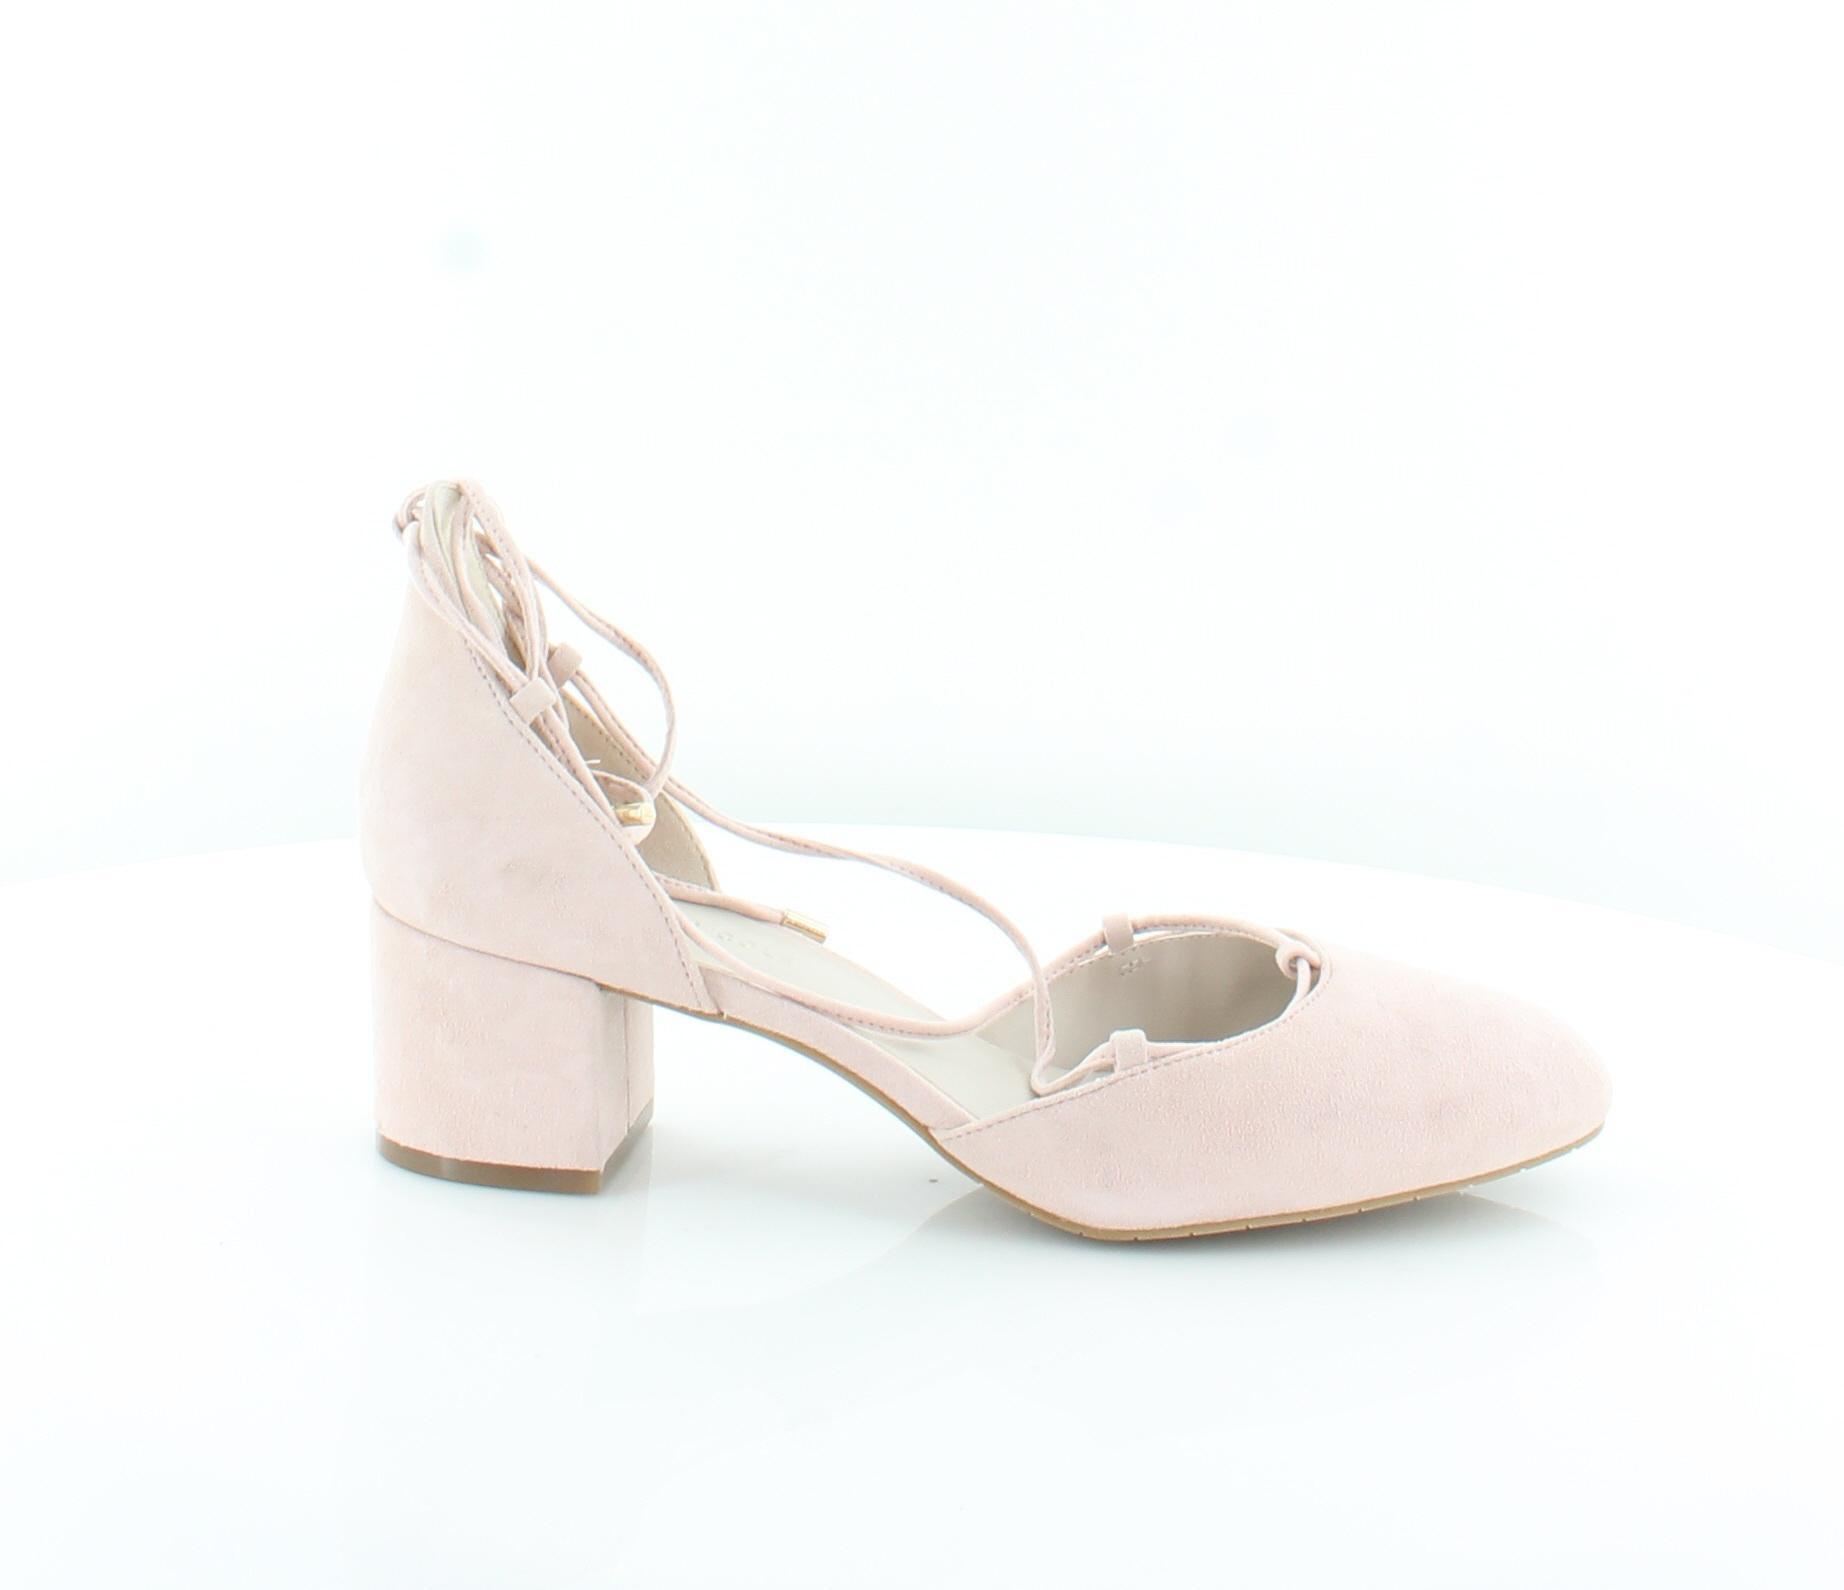 risparmia fino al 30-50% di sconto Kenneth Cole New Toniann rosa donna scarpe Dimensione Dimensione Dimensione 9 M Heels MSRP  130  clienti prima reputazione prima